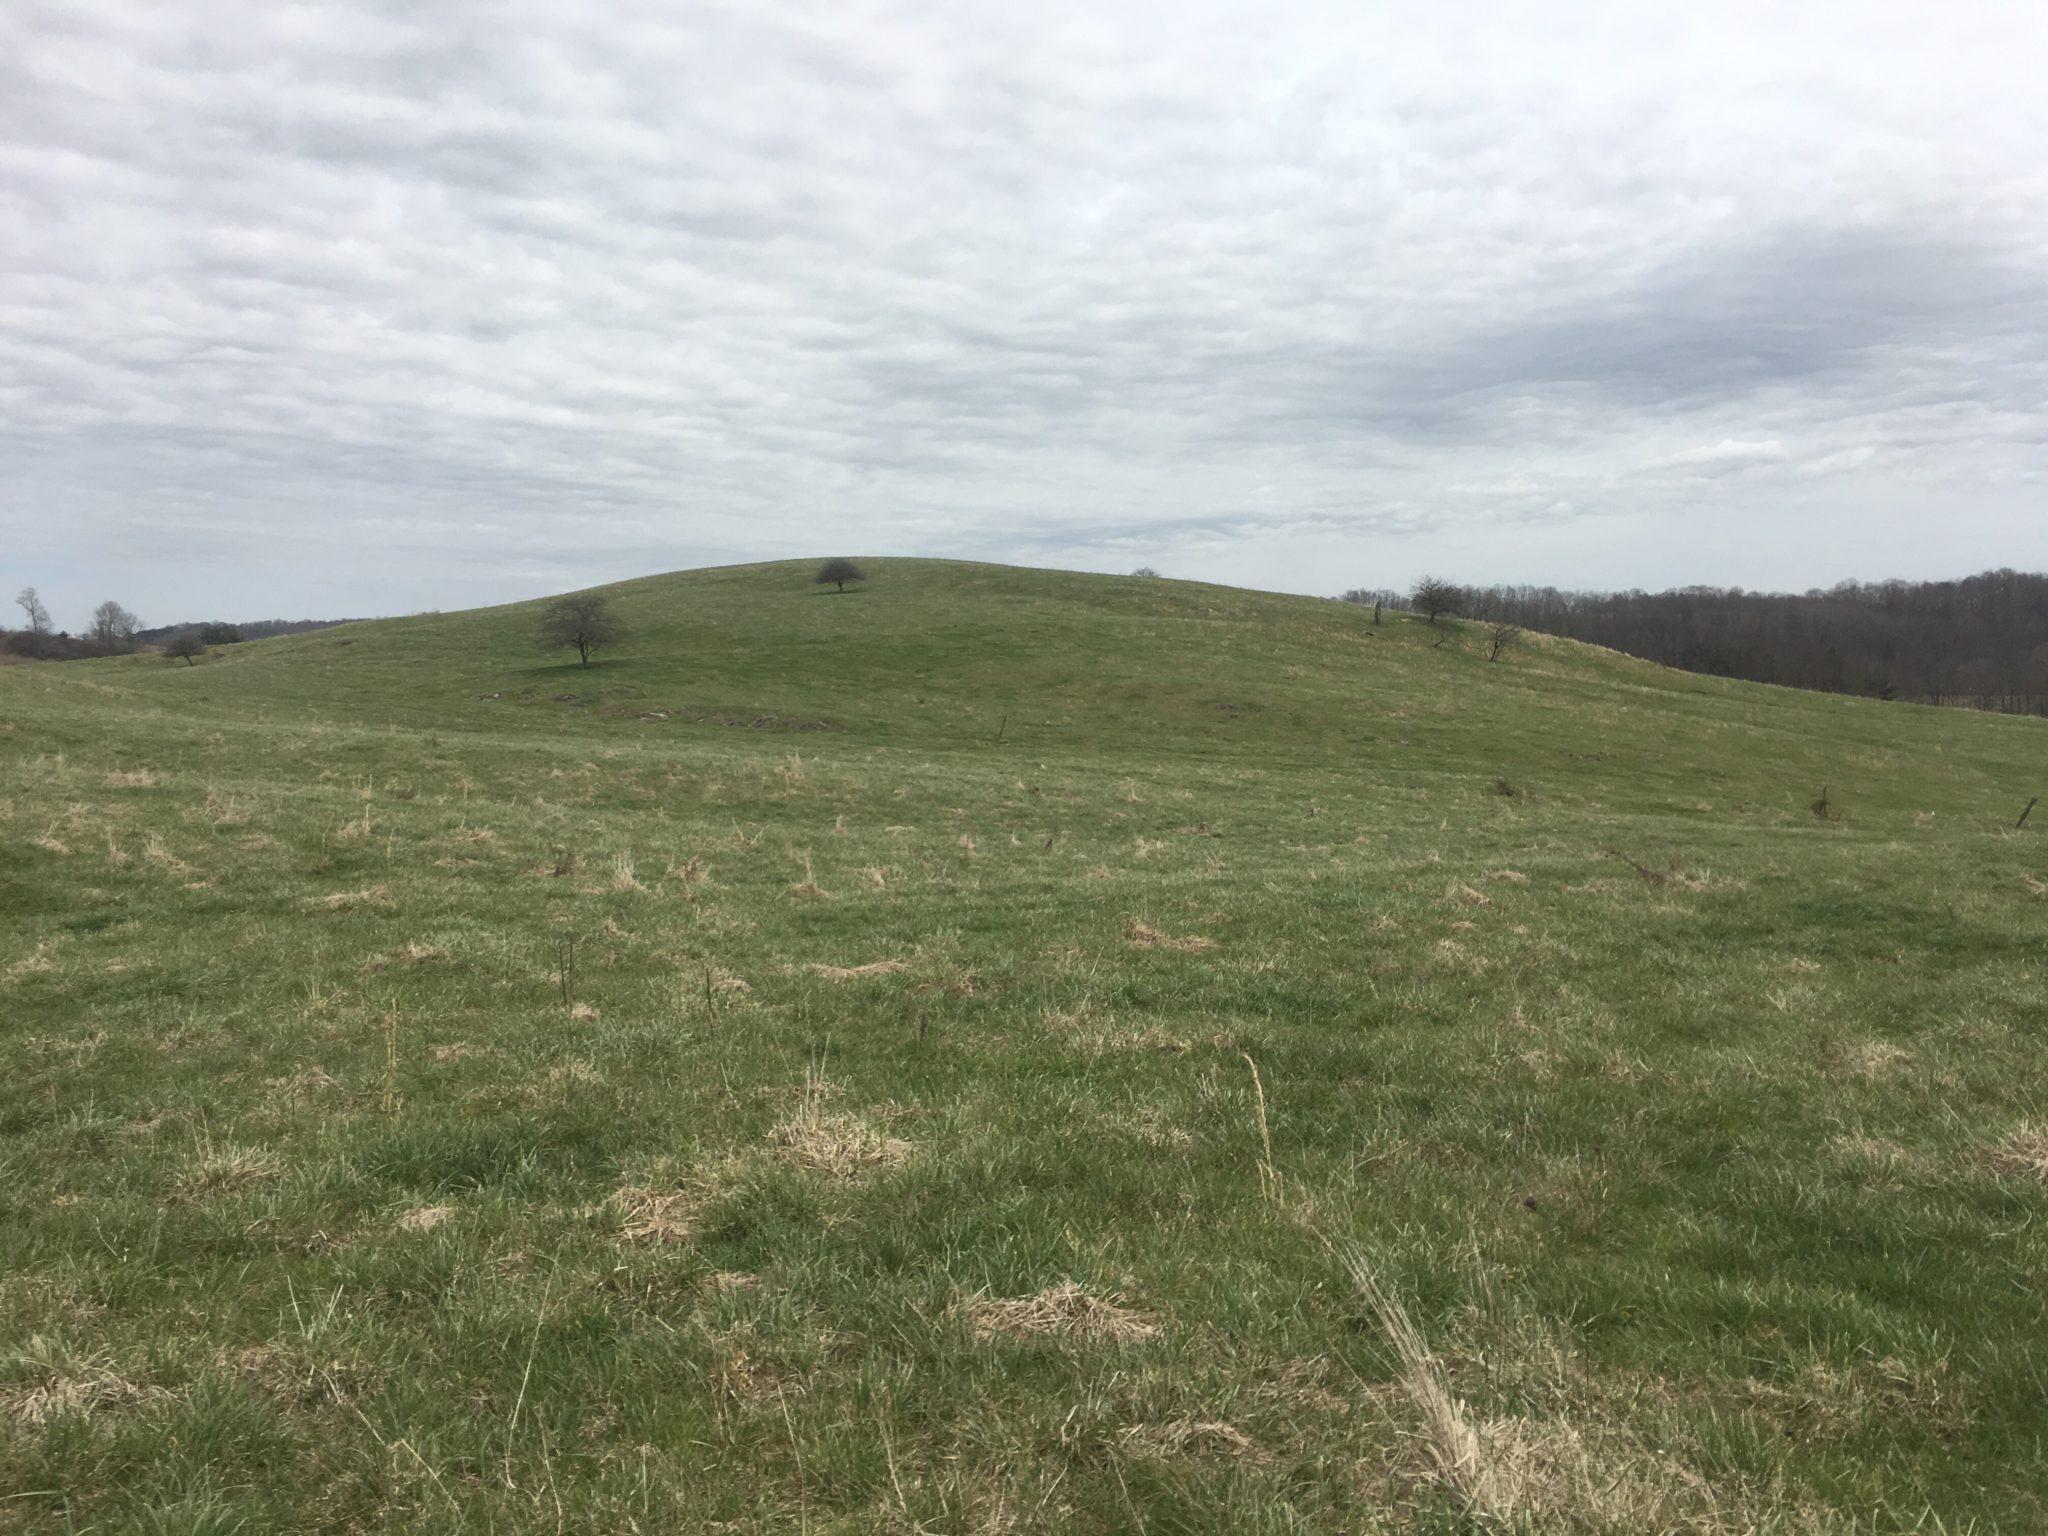 Hiking through pastures